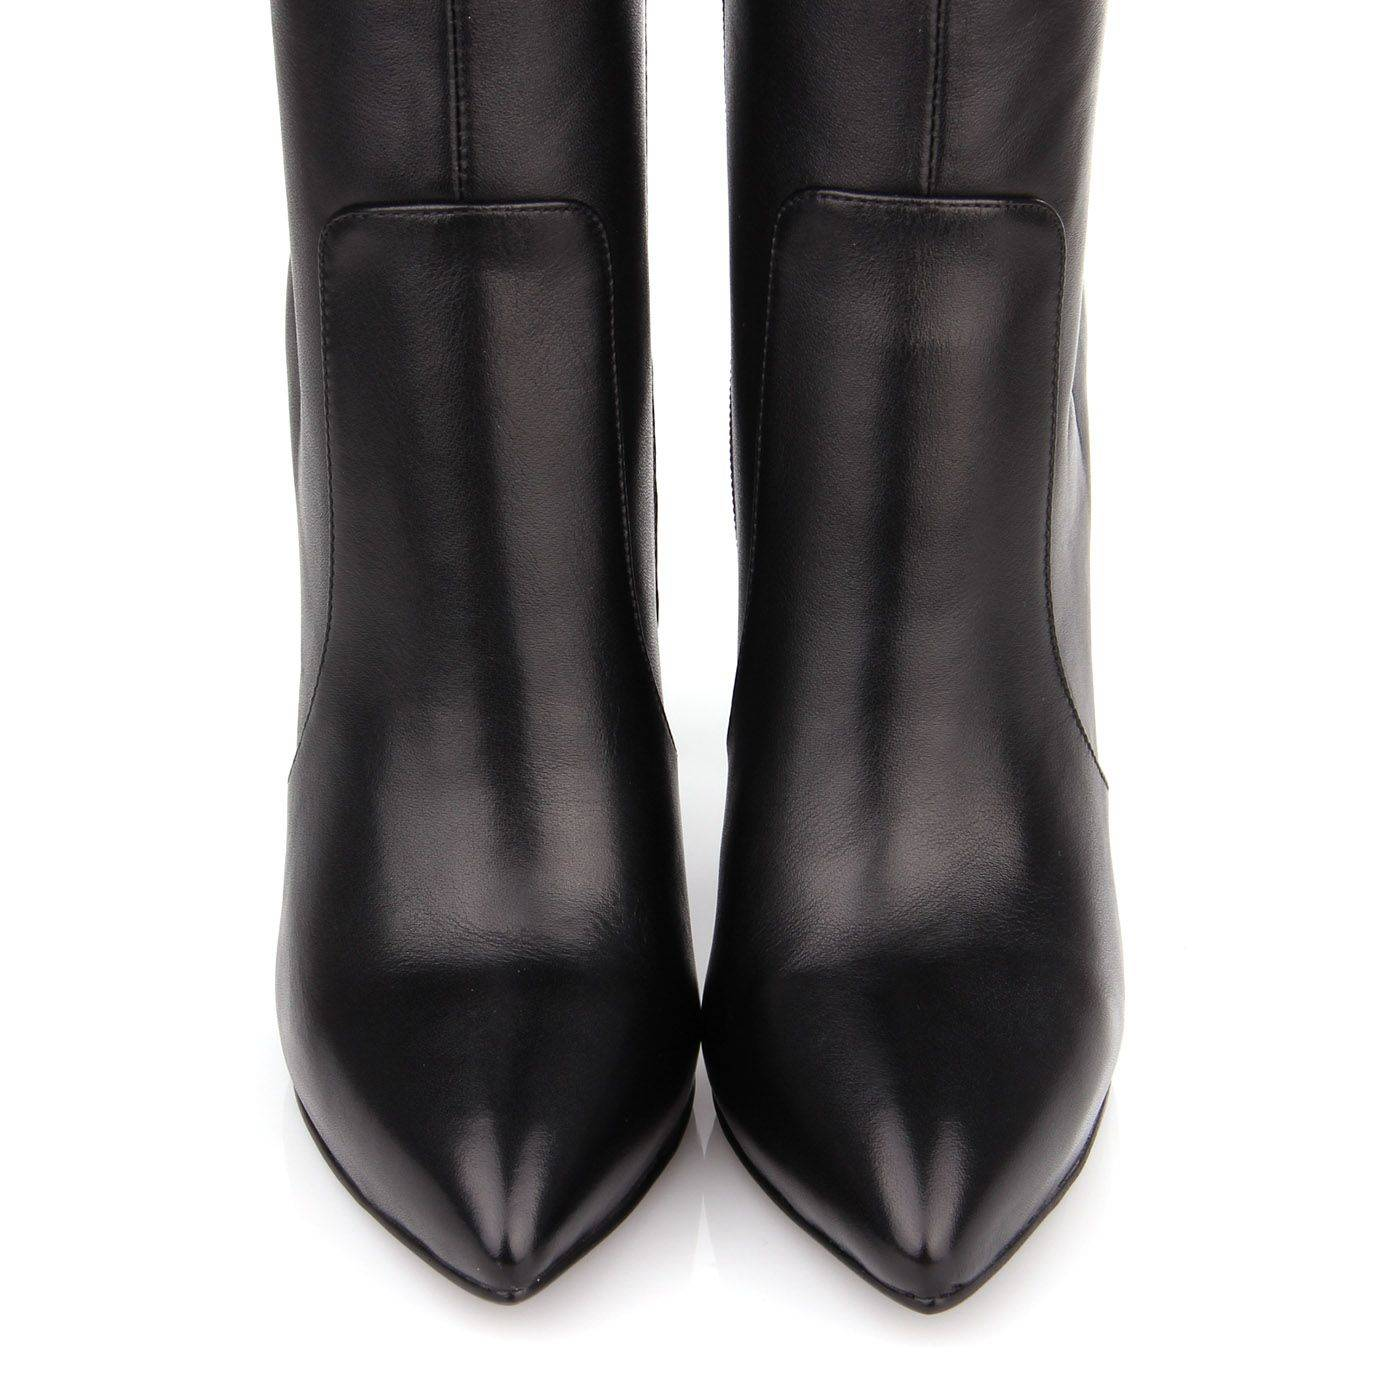 Чоботи жіночі ditto 4370 Чорний купить по выгодной цене в интернет ... c34fcd377e898